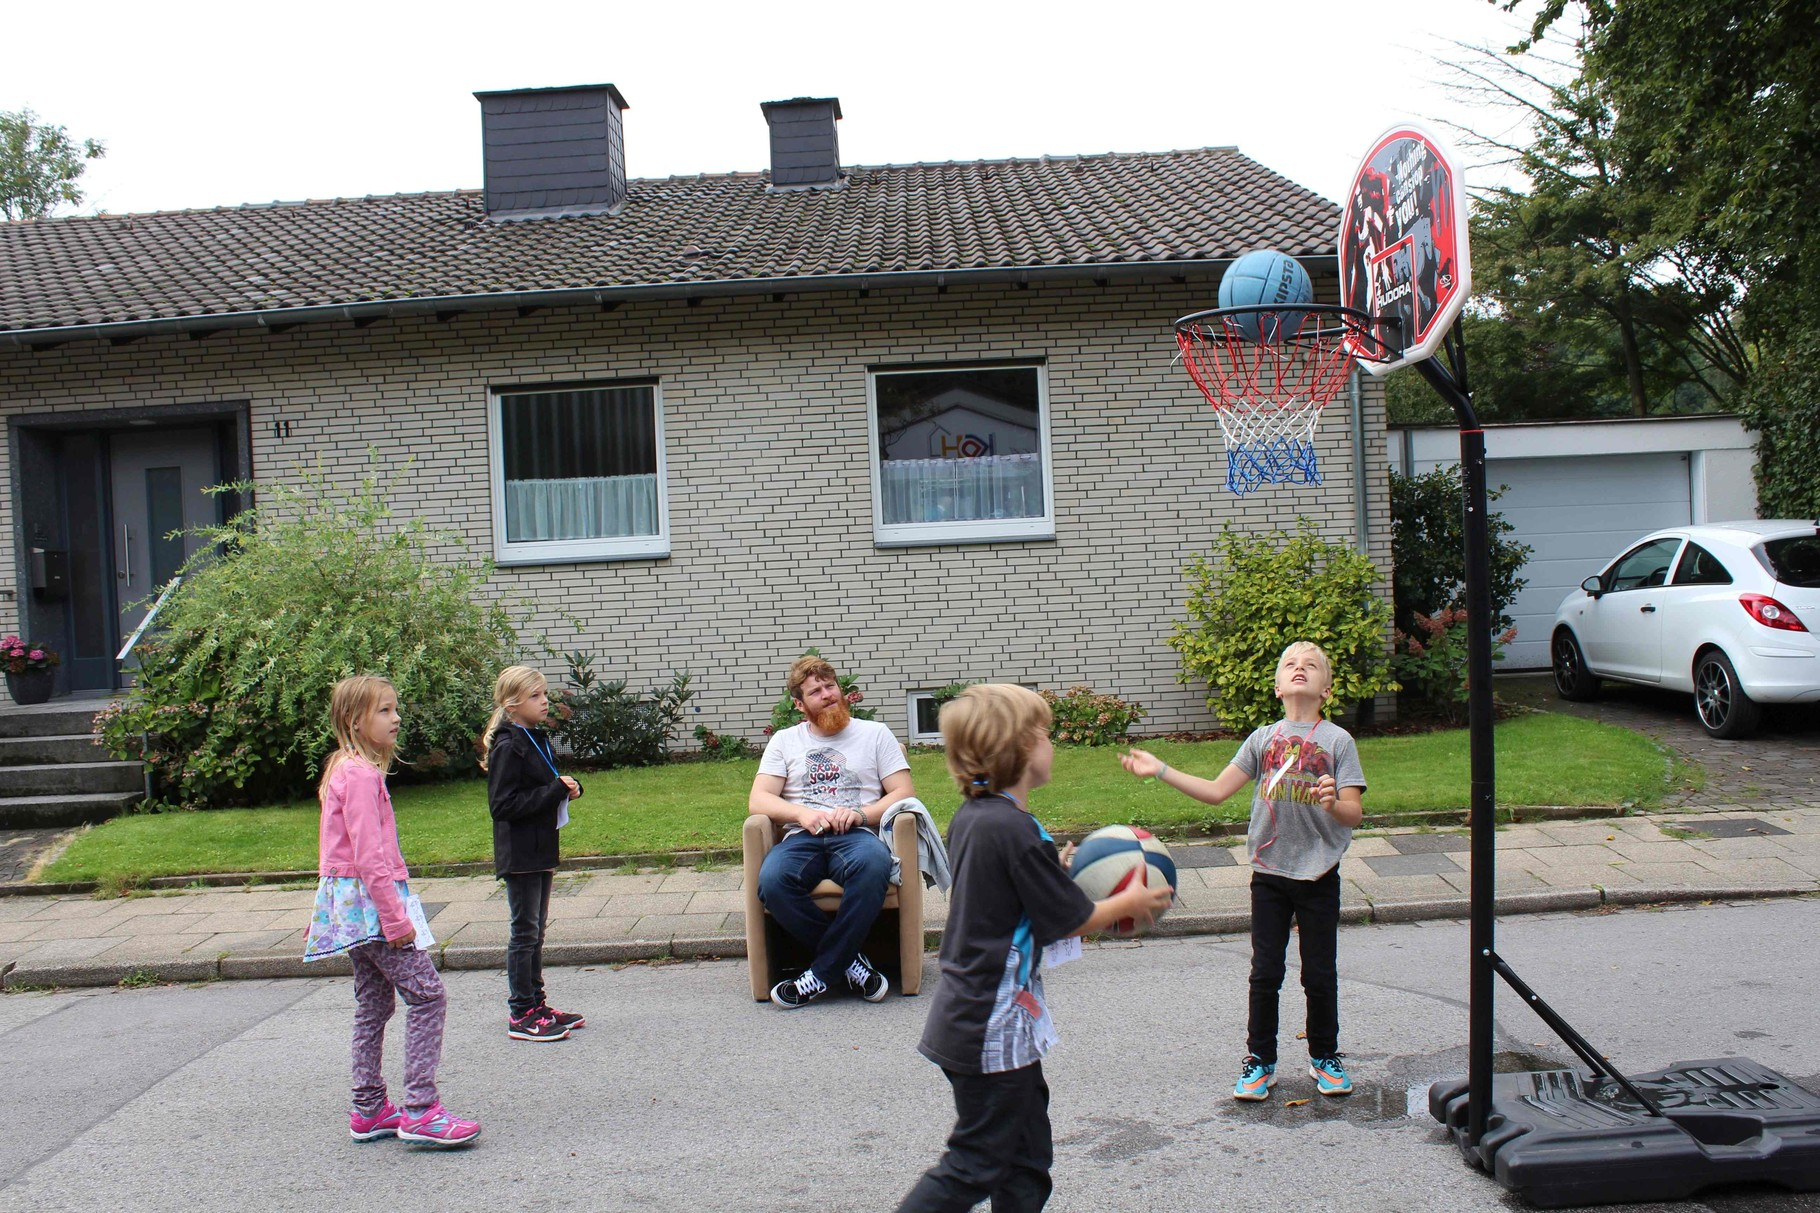 Lukas passt beim Basketball auf - gaaaanz bequem ;-)